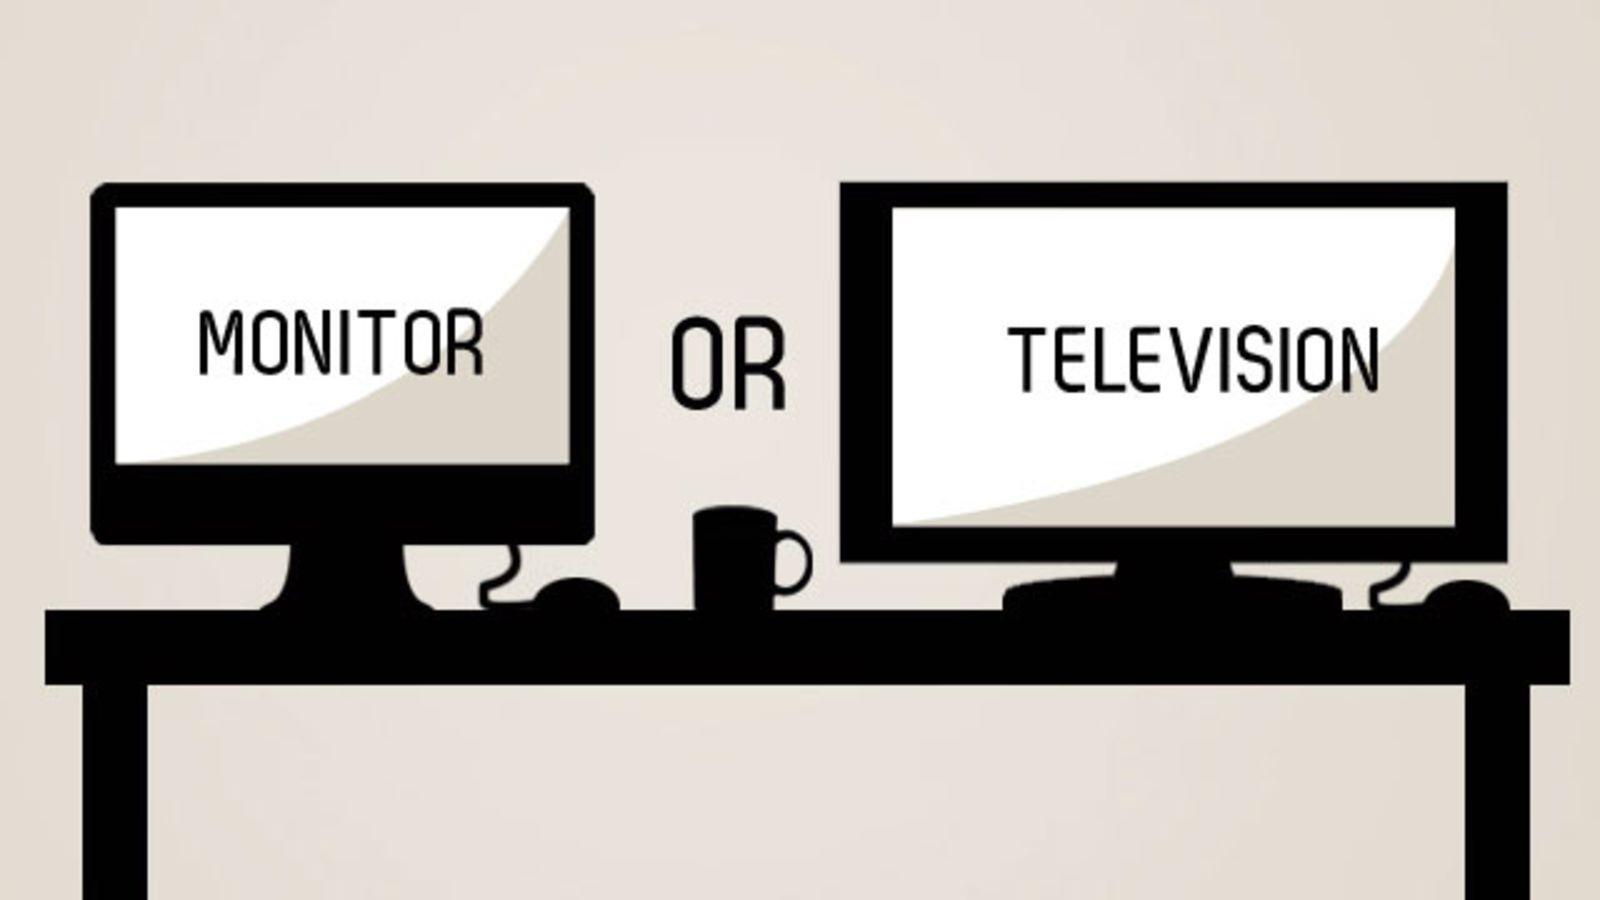 chem-monitor-otlichaetsya-ot-televizora.jpeg